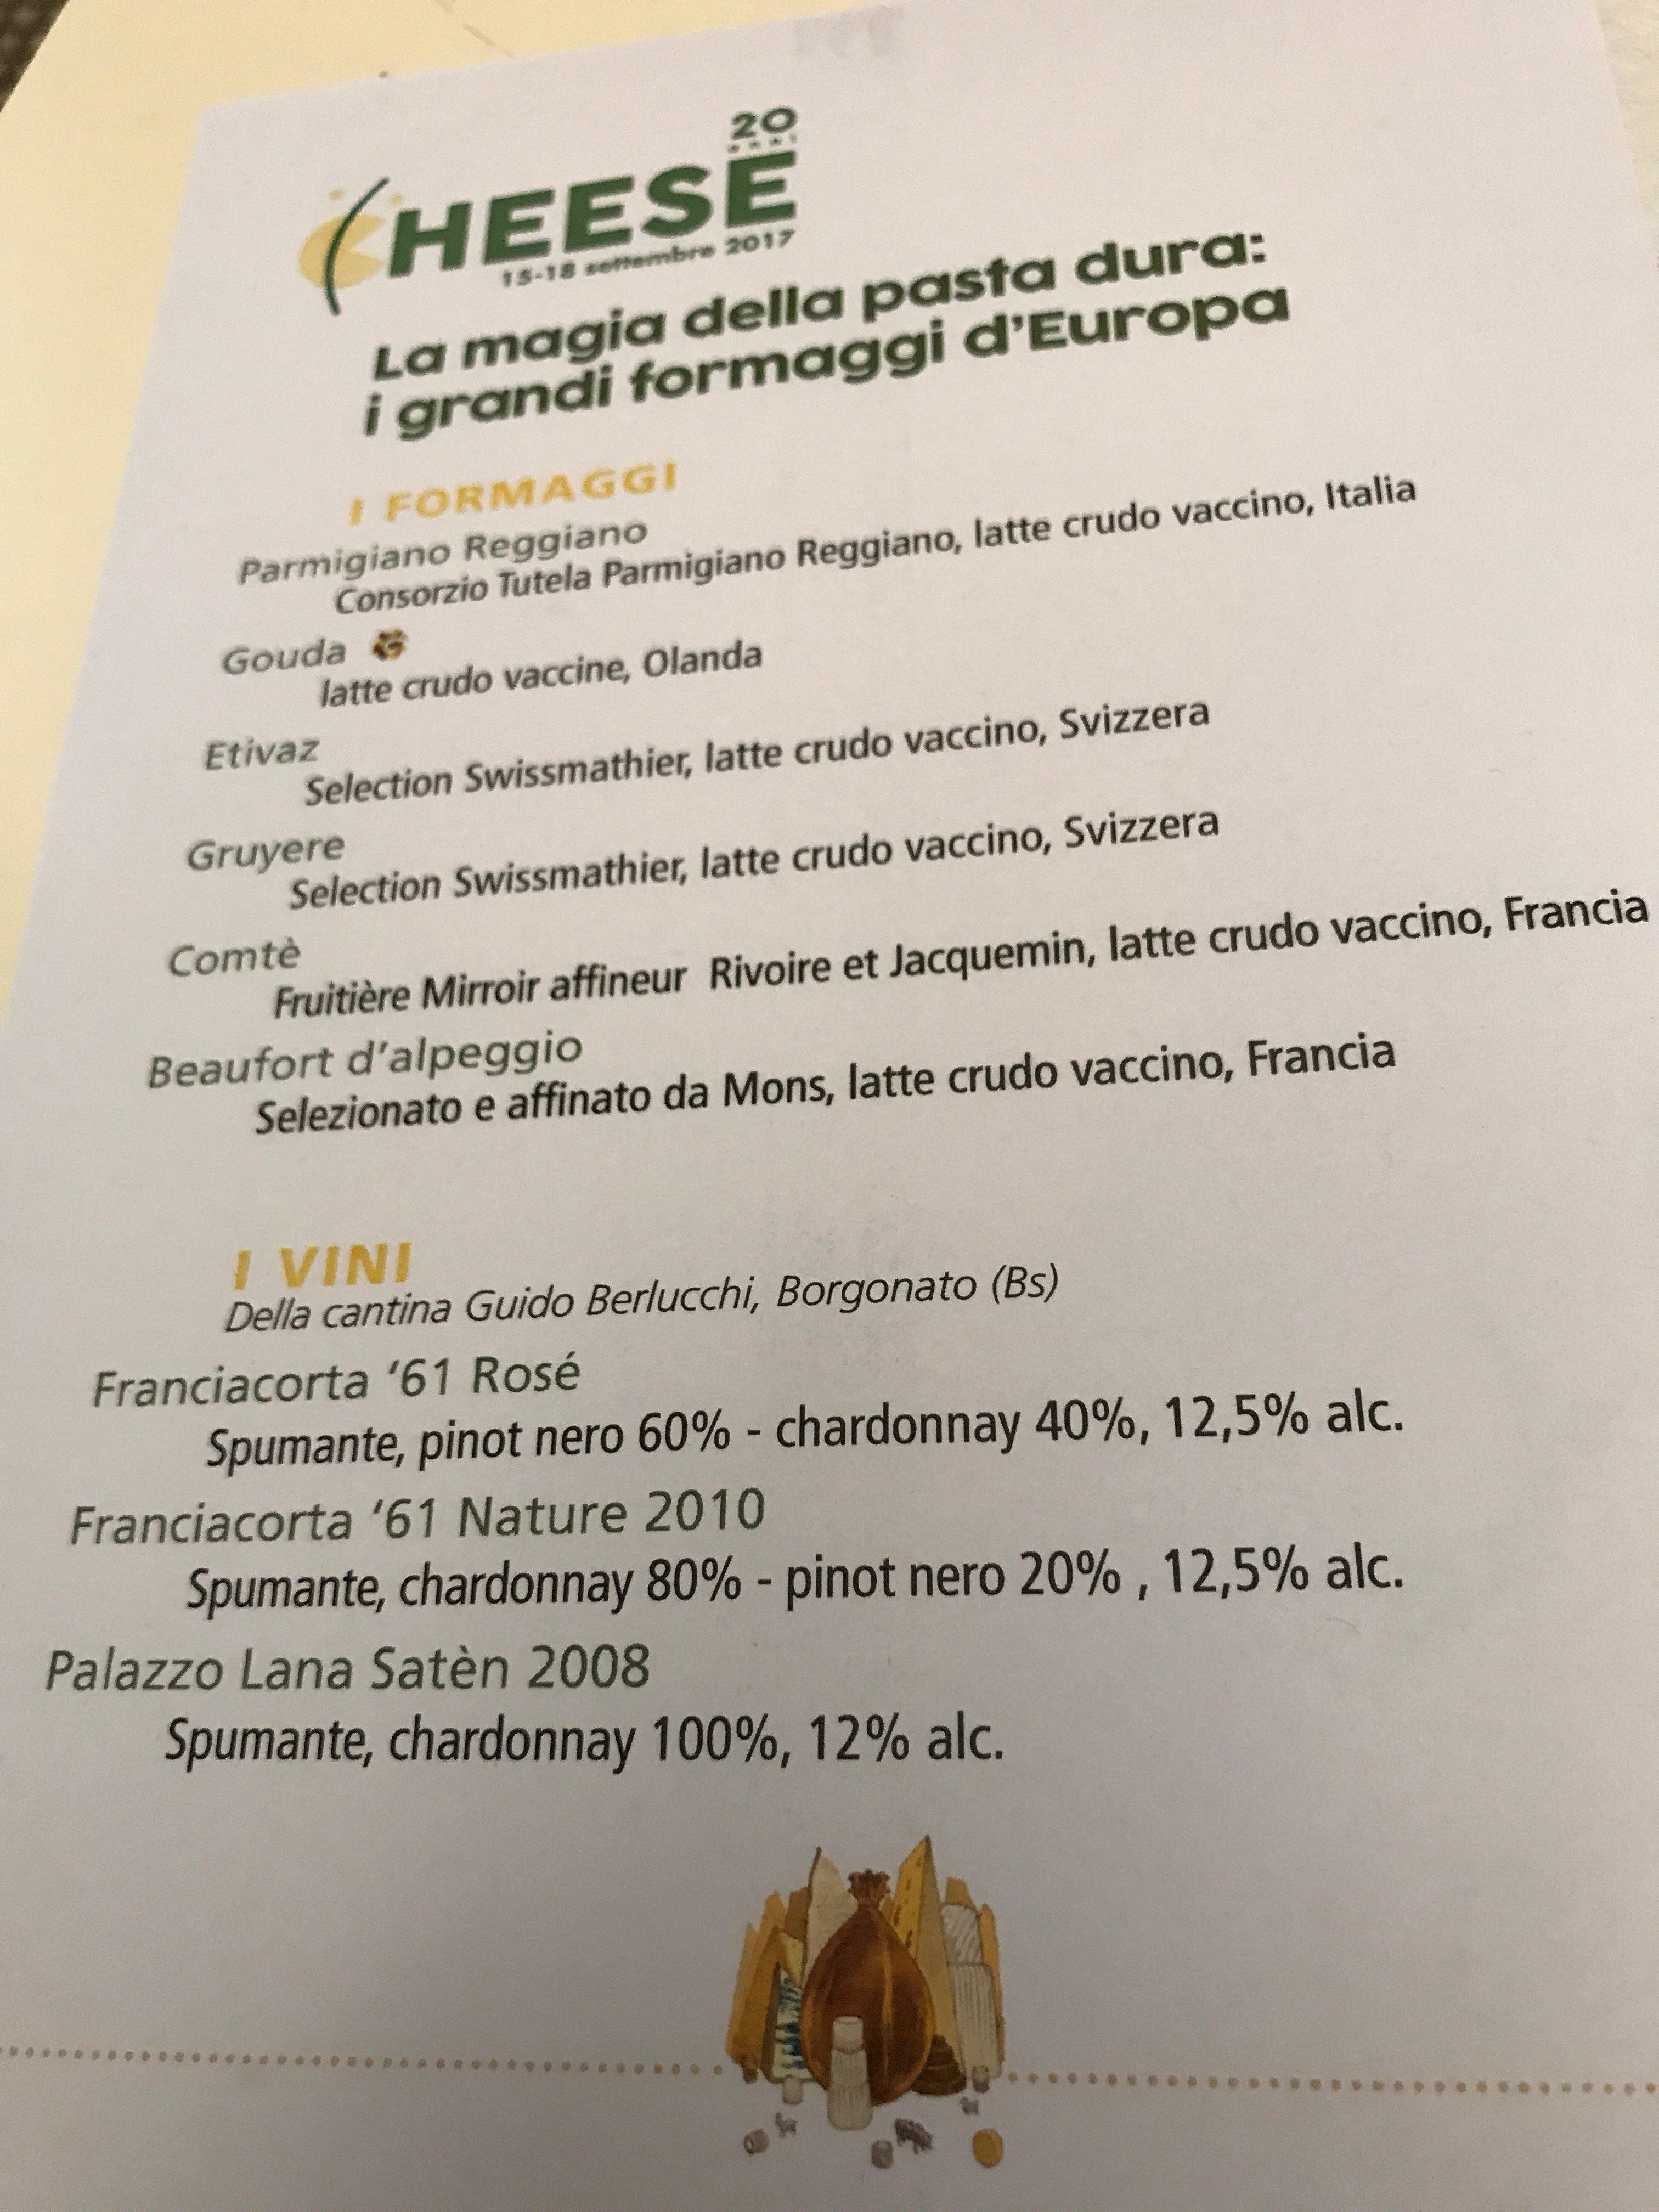 Ostene som ble smakt på smakingen for faste europeiske oster under Cheese 2017